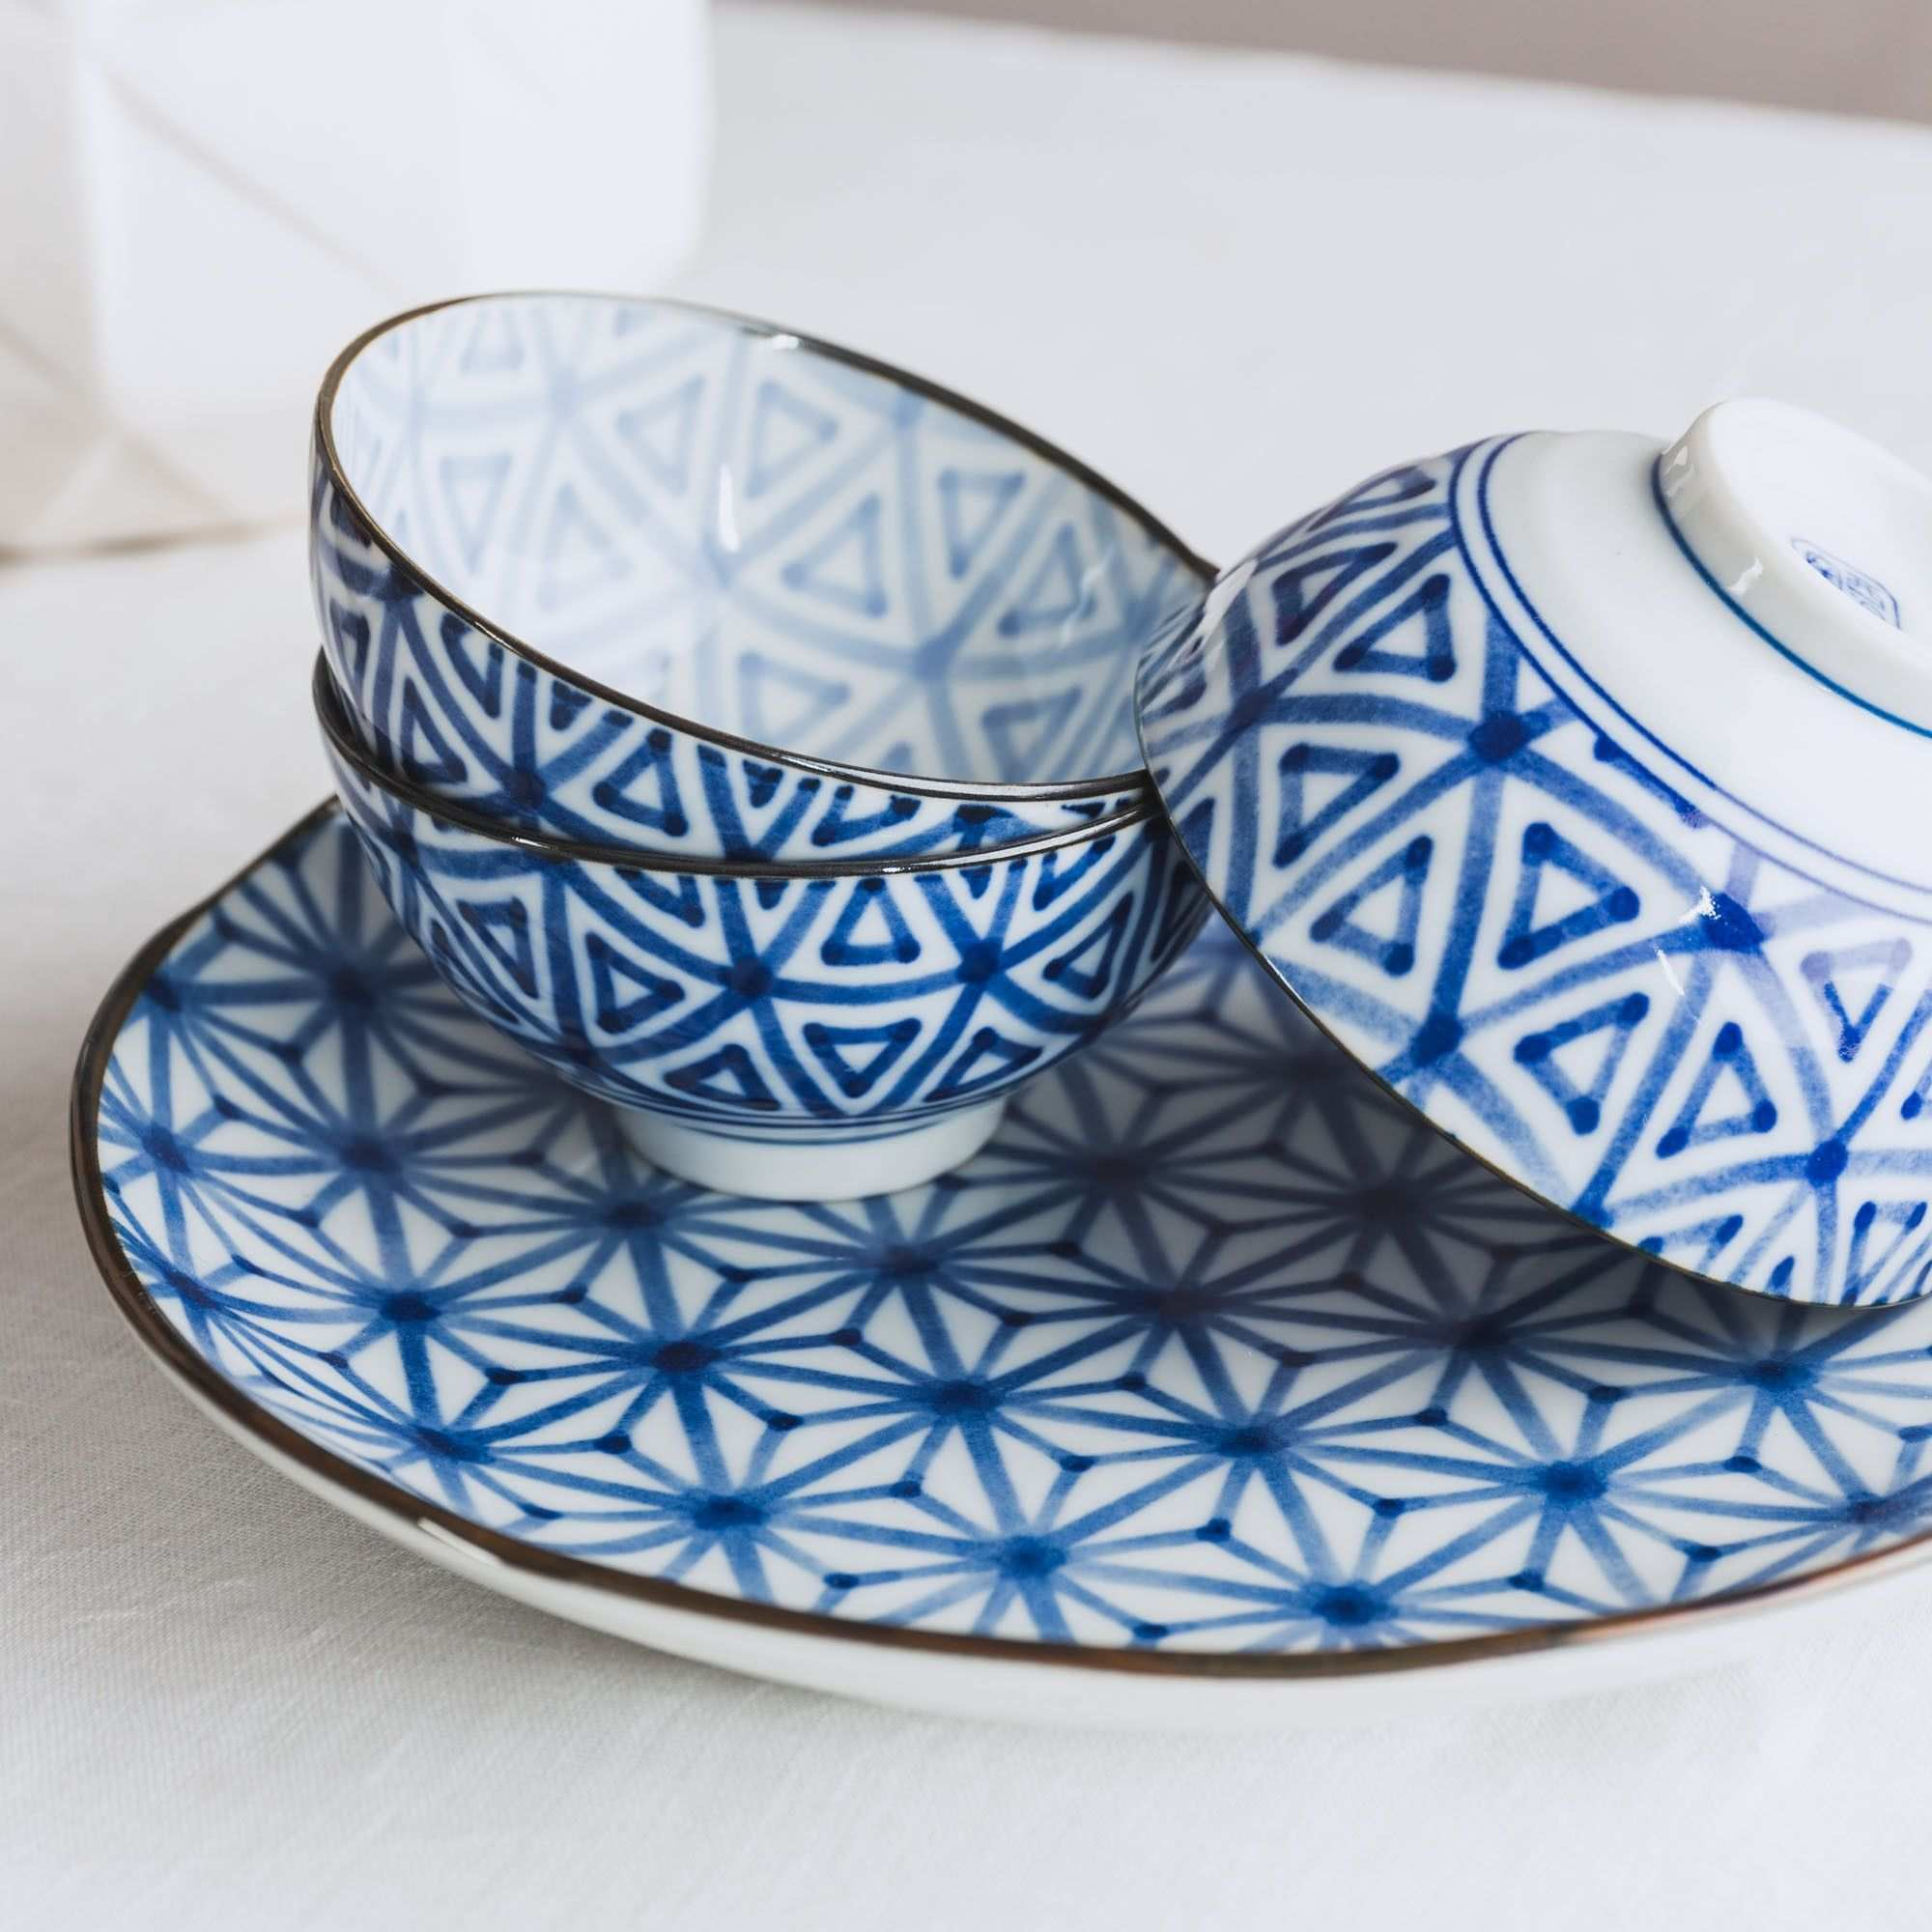 Teller Onuma Geschirr Keramik Diy Geschirr